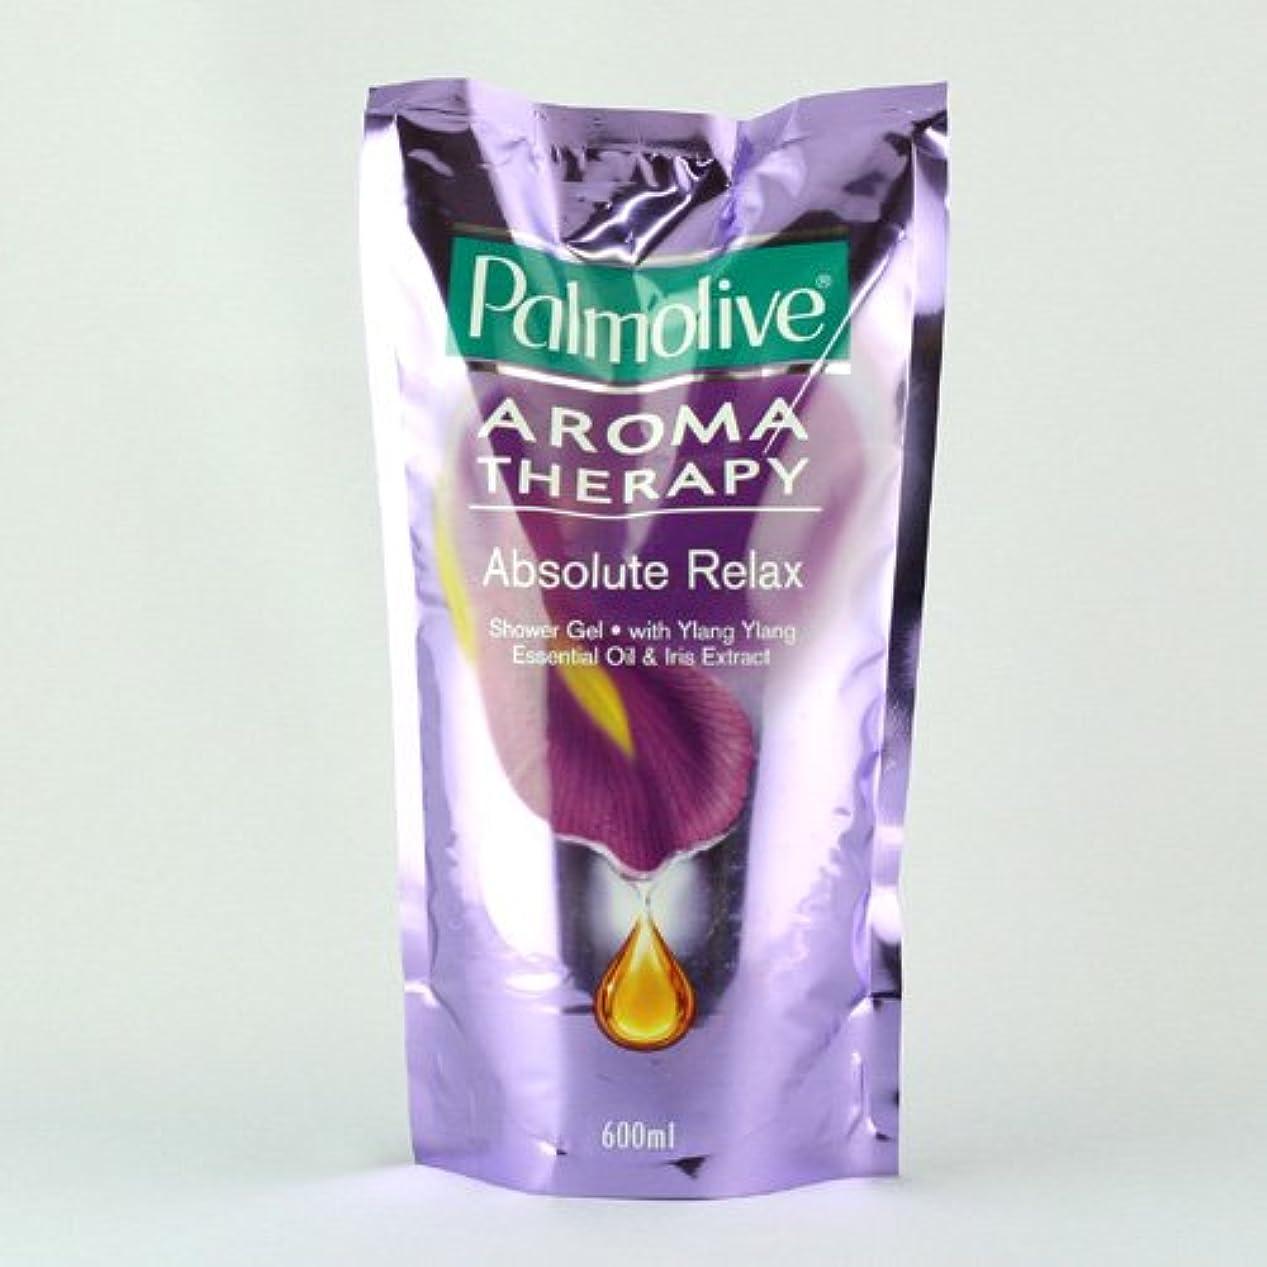 一般化するショットのれん【Palmolive】パルモリーブ シャワージェル詰め替え用(アブスルートリラックス) 600ml / 25oz